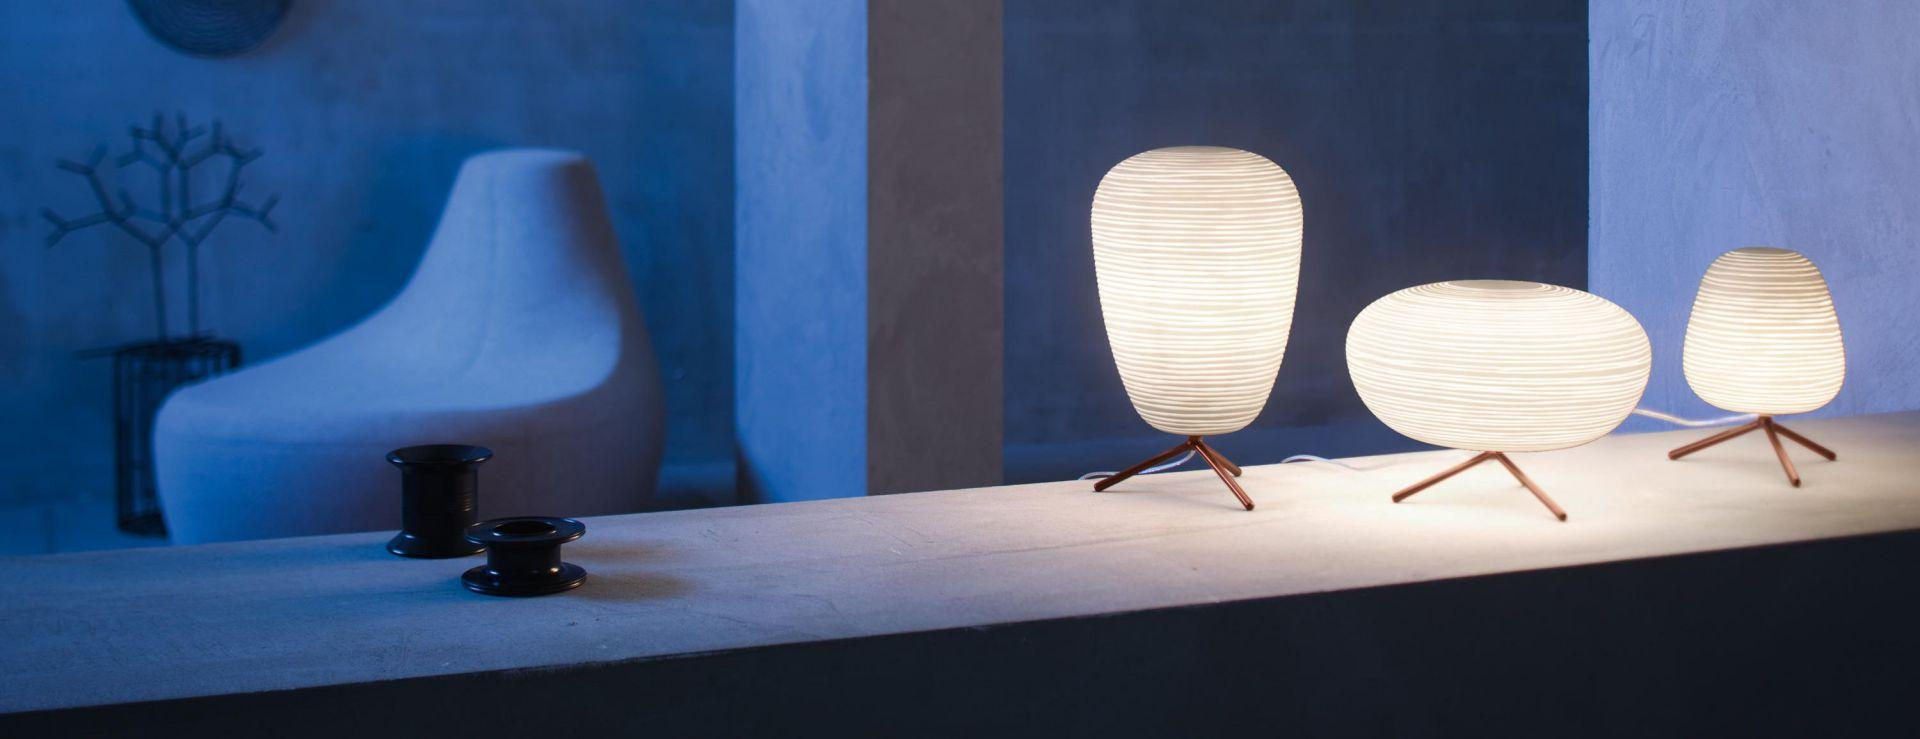 Rituals 2 Lampada da tavolo E27 1x15w bianco